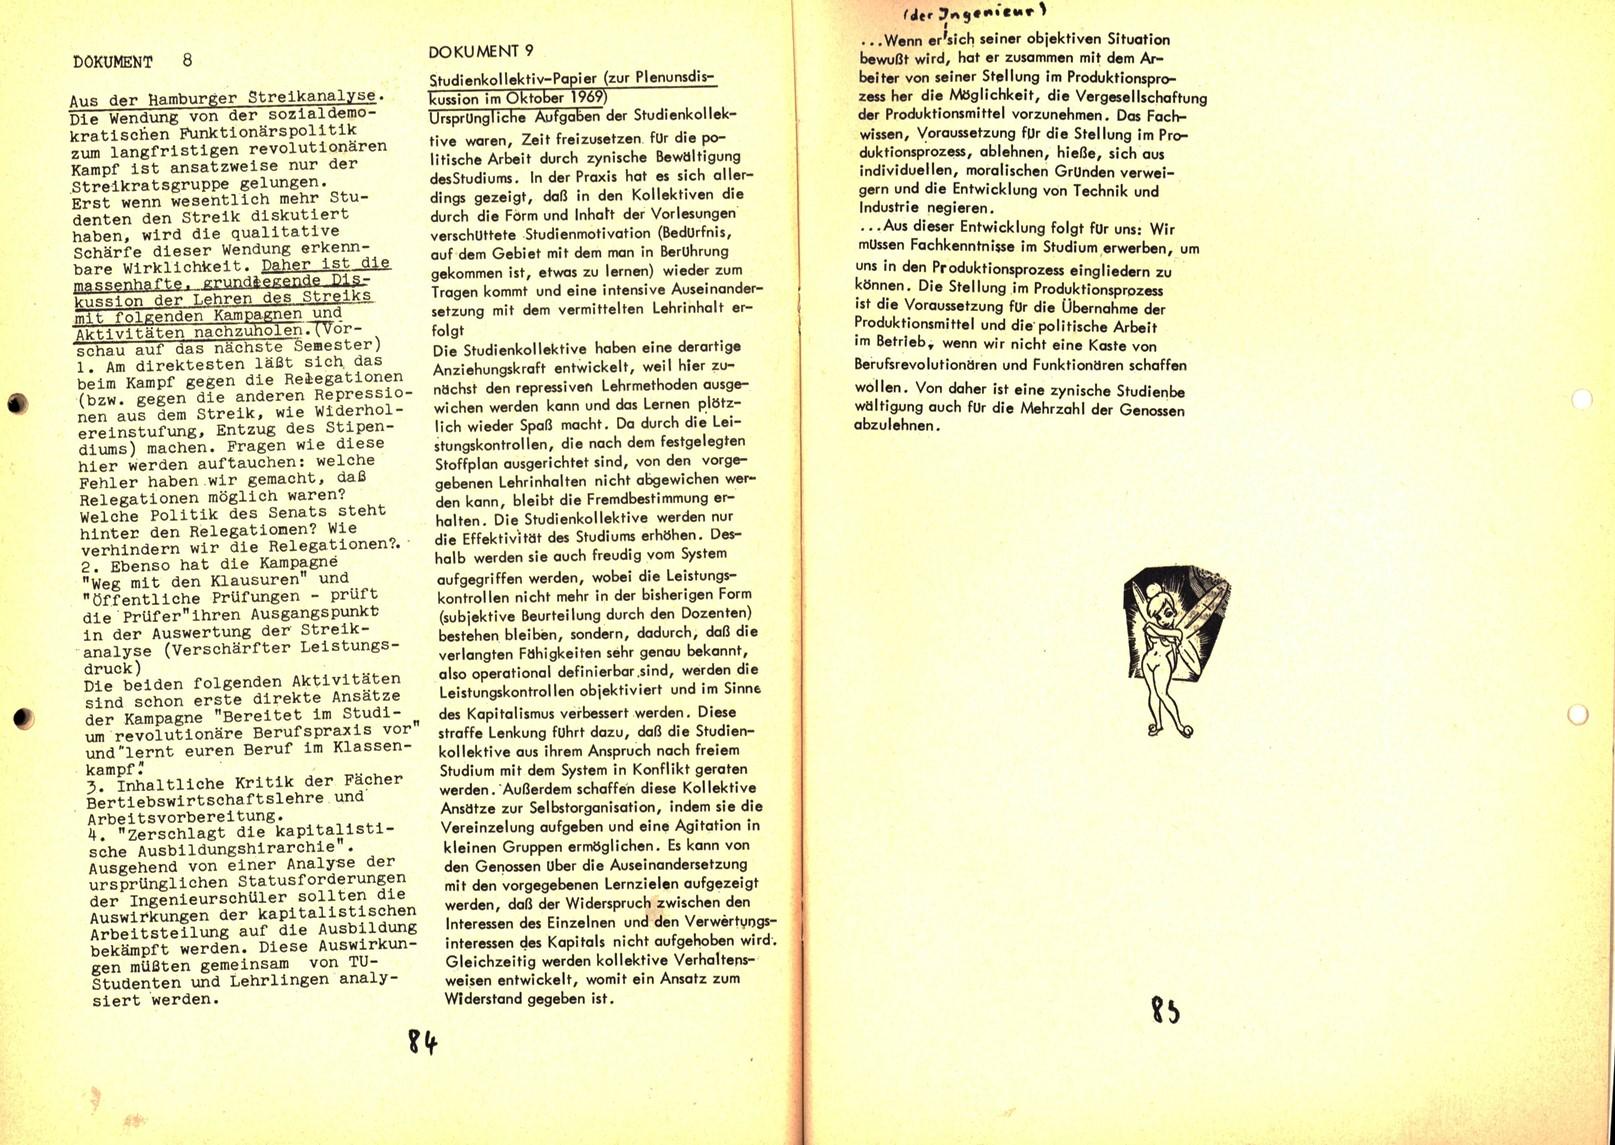 Berlin_Rotzing_1971_Kampfbericht_43